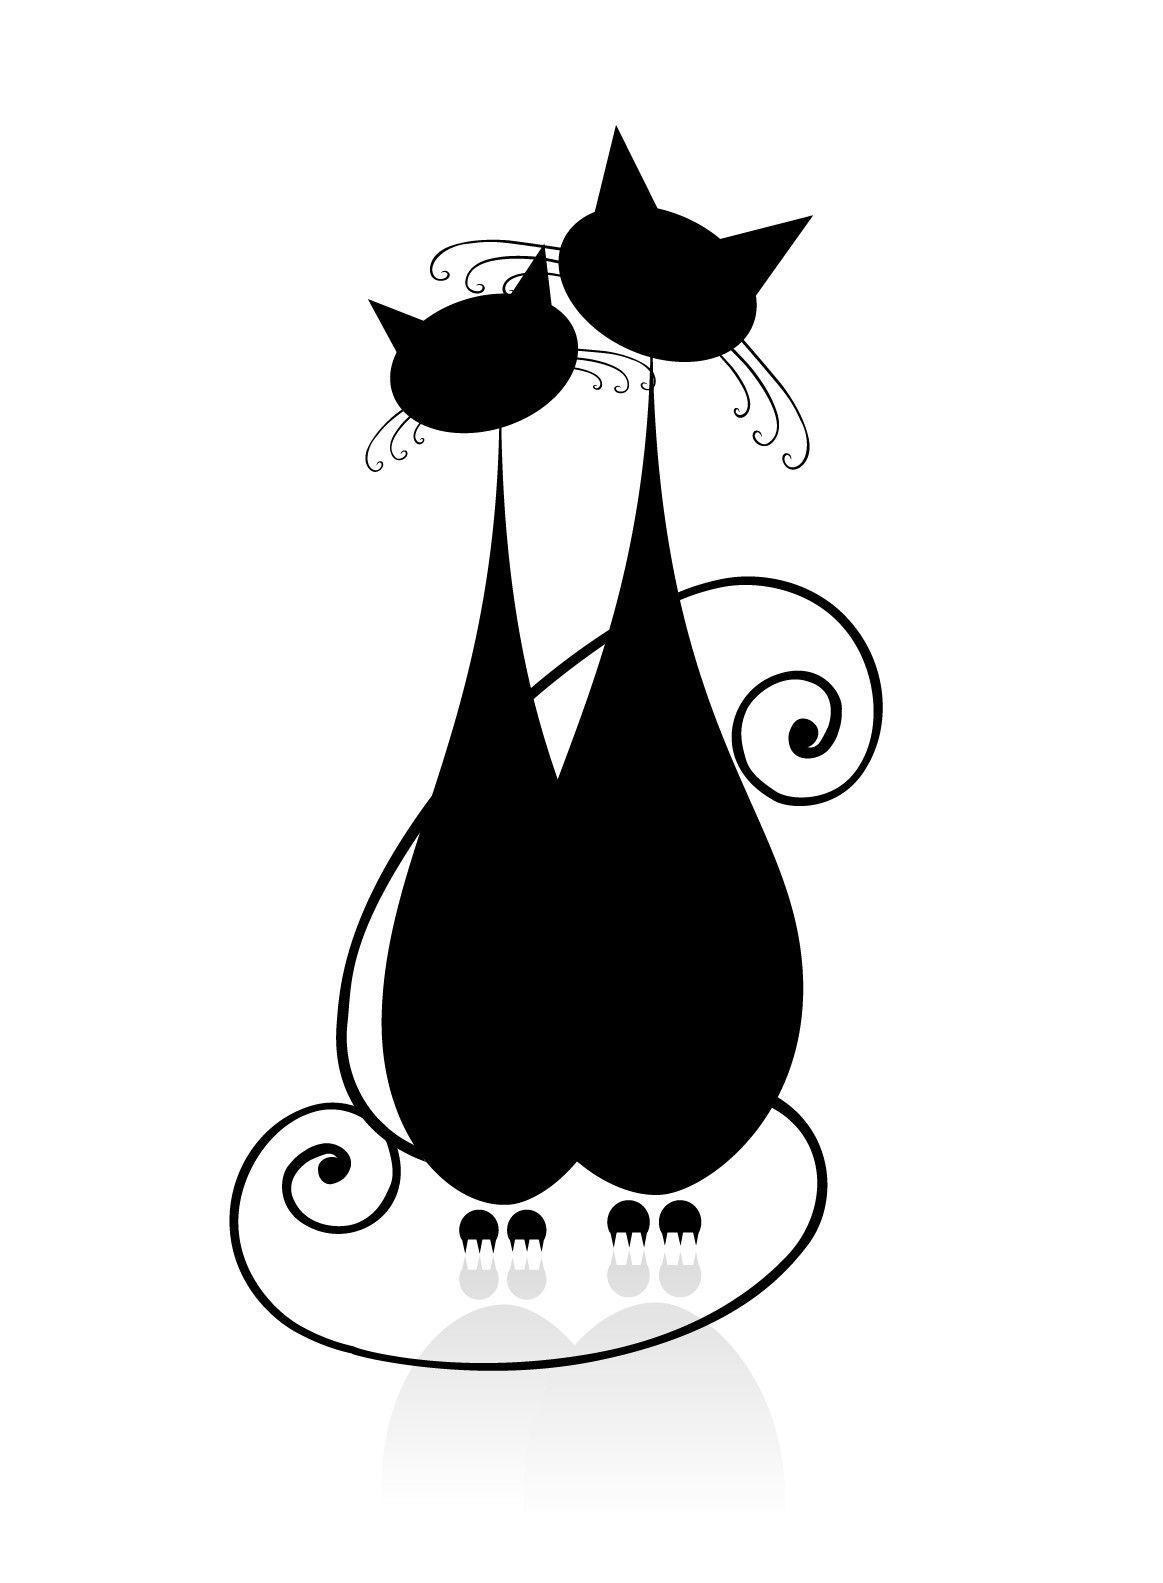 1163x1583 stickers met katten cats in love cats cats, cat silhouette